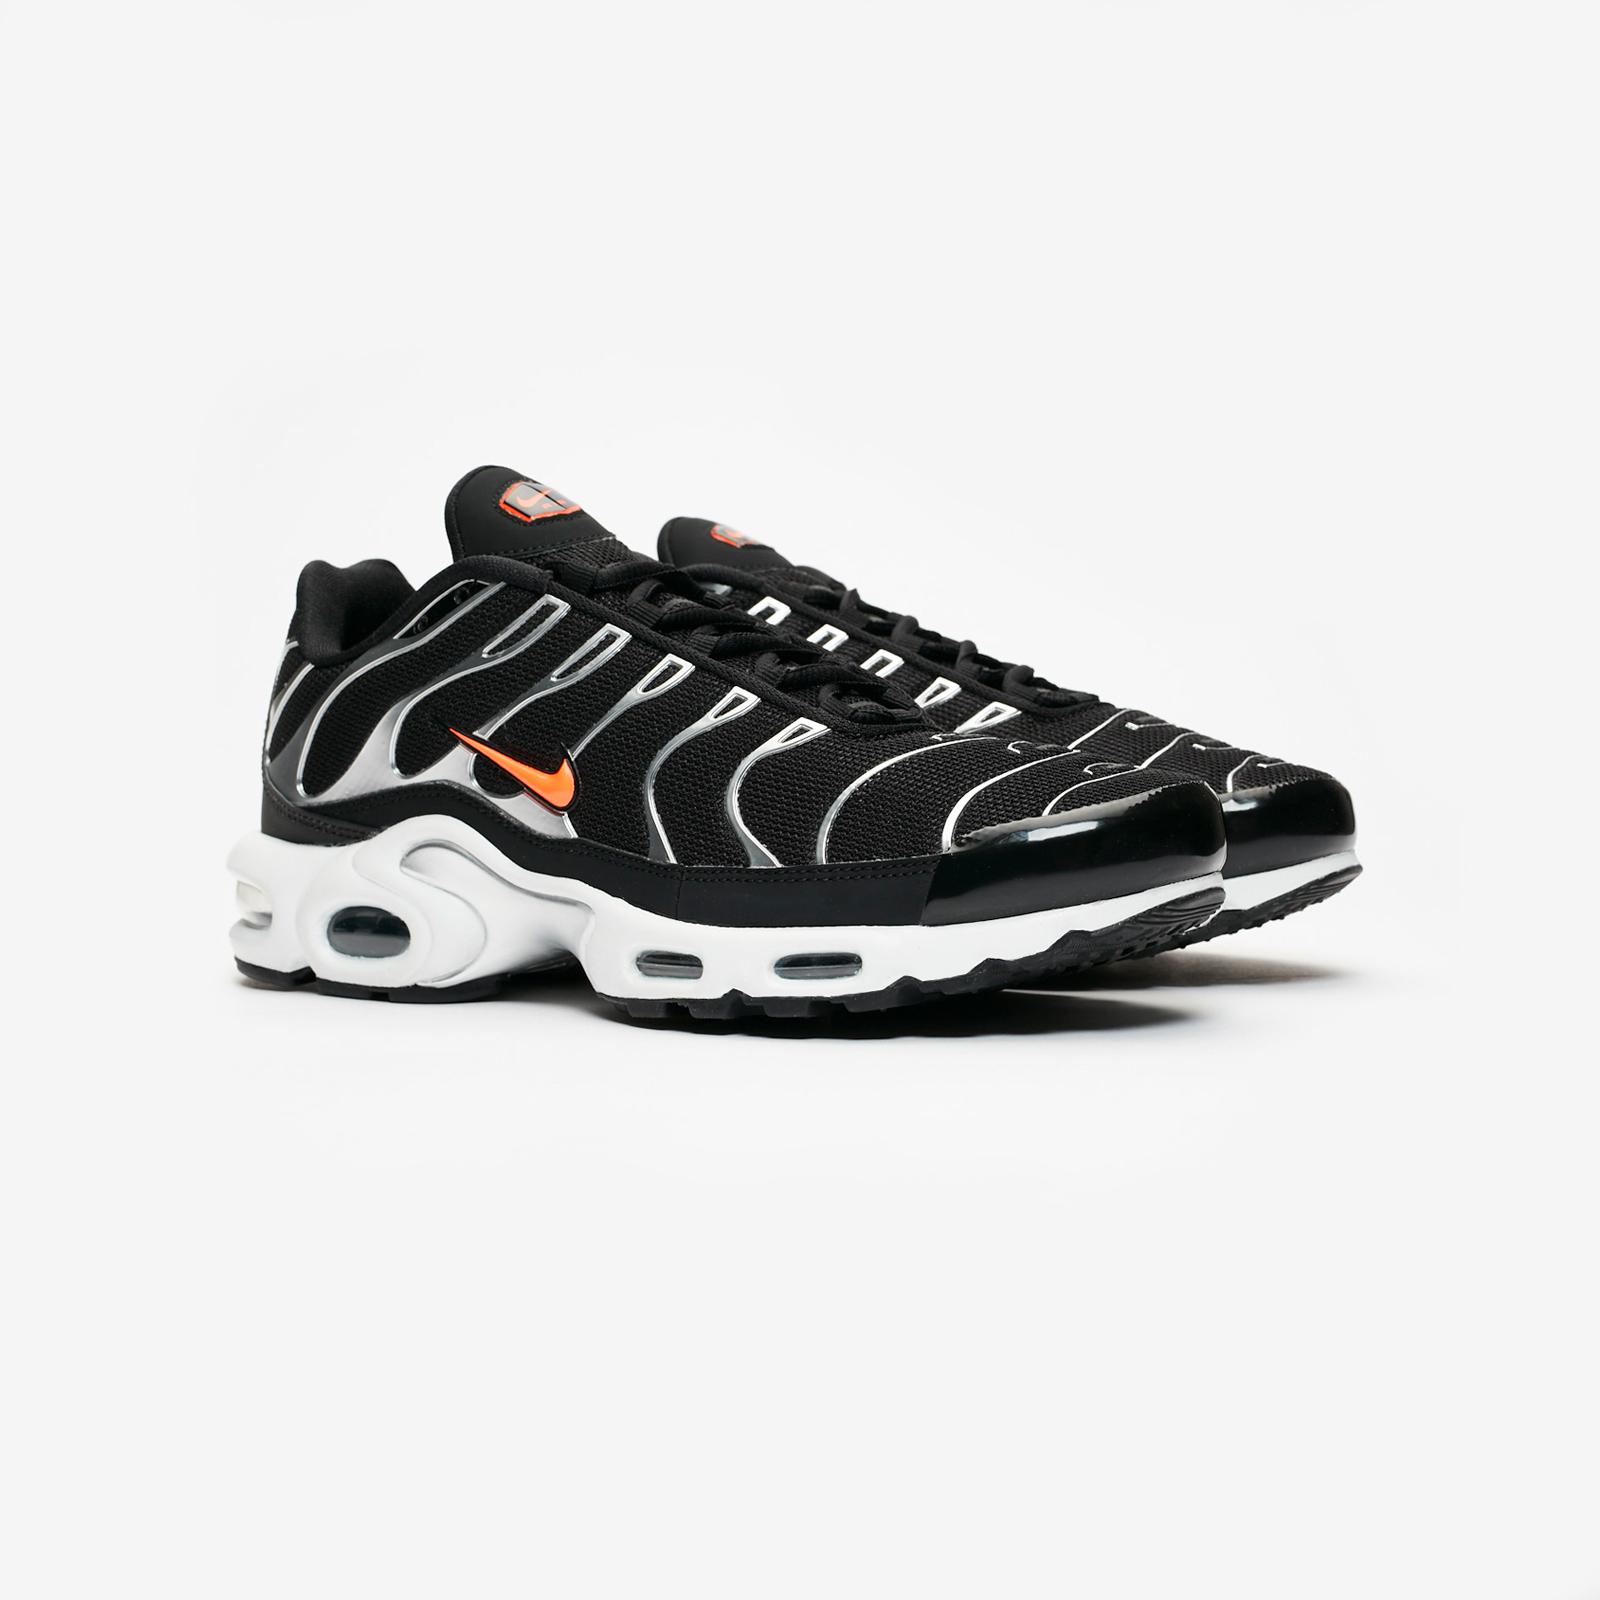 Venta anticipada Determinar con precisión No complicado  Nike Air Max Plus TN SE - Cd1533-001 - Sneakersnstuff | sneakers &  streetwear online since 1999